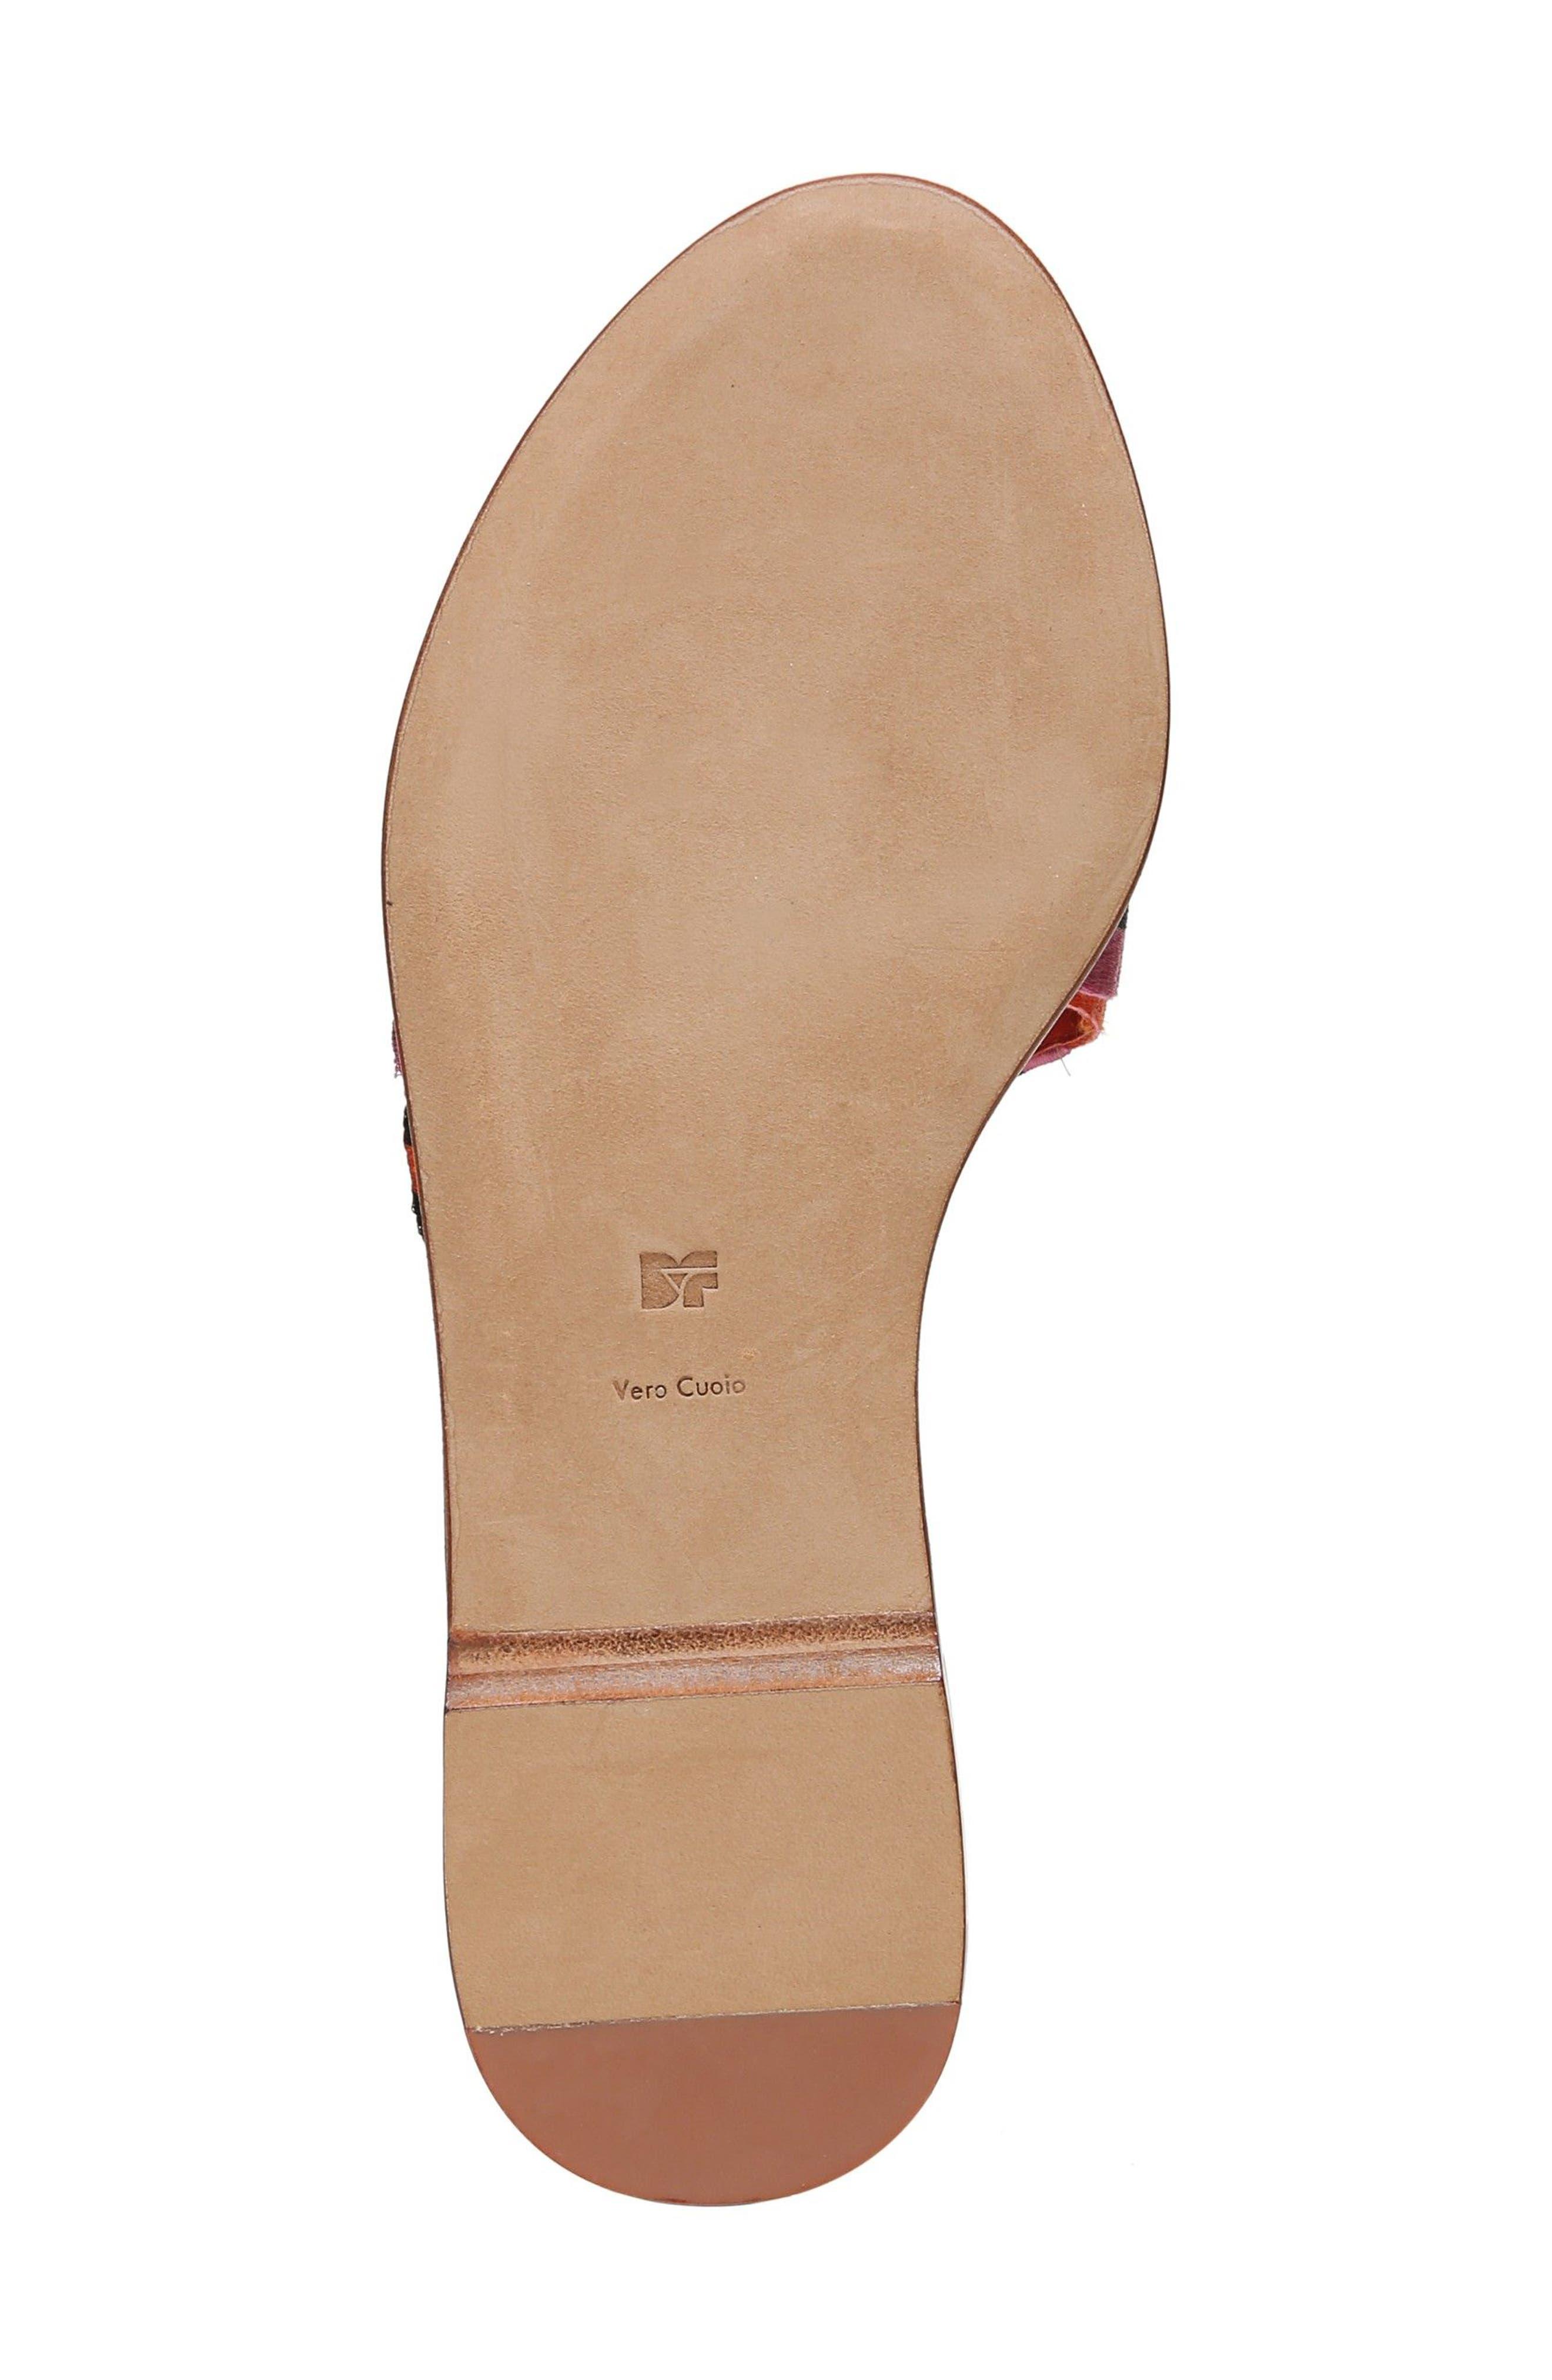 Bella Asymmetrical Slide Sandal,                             Alternate thumbnail 6, color,                             Rose Multi